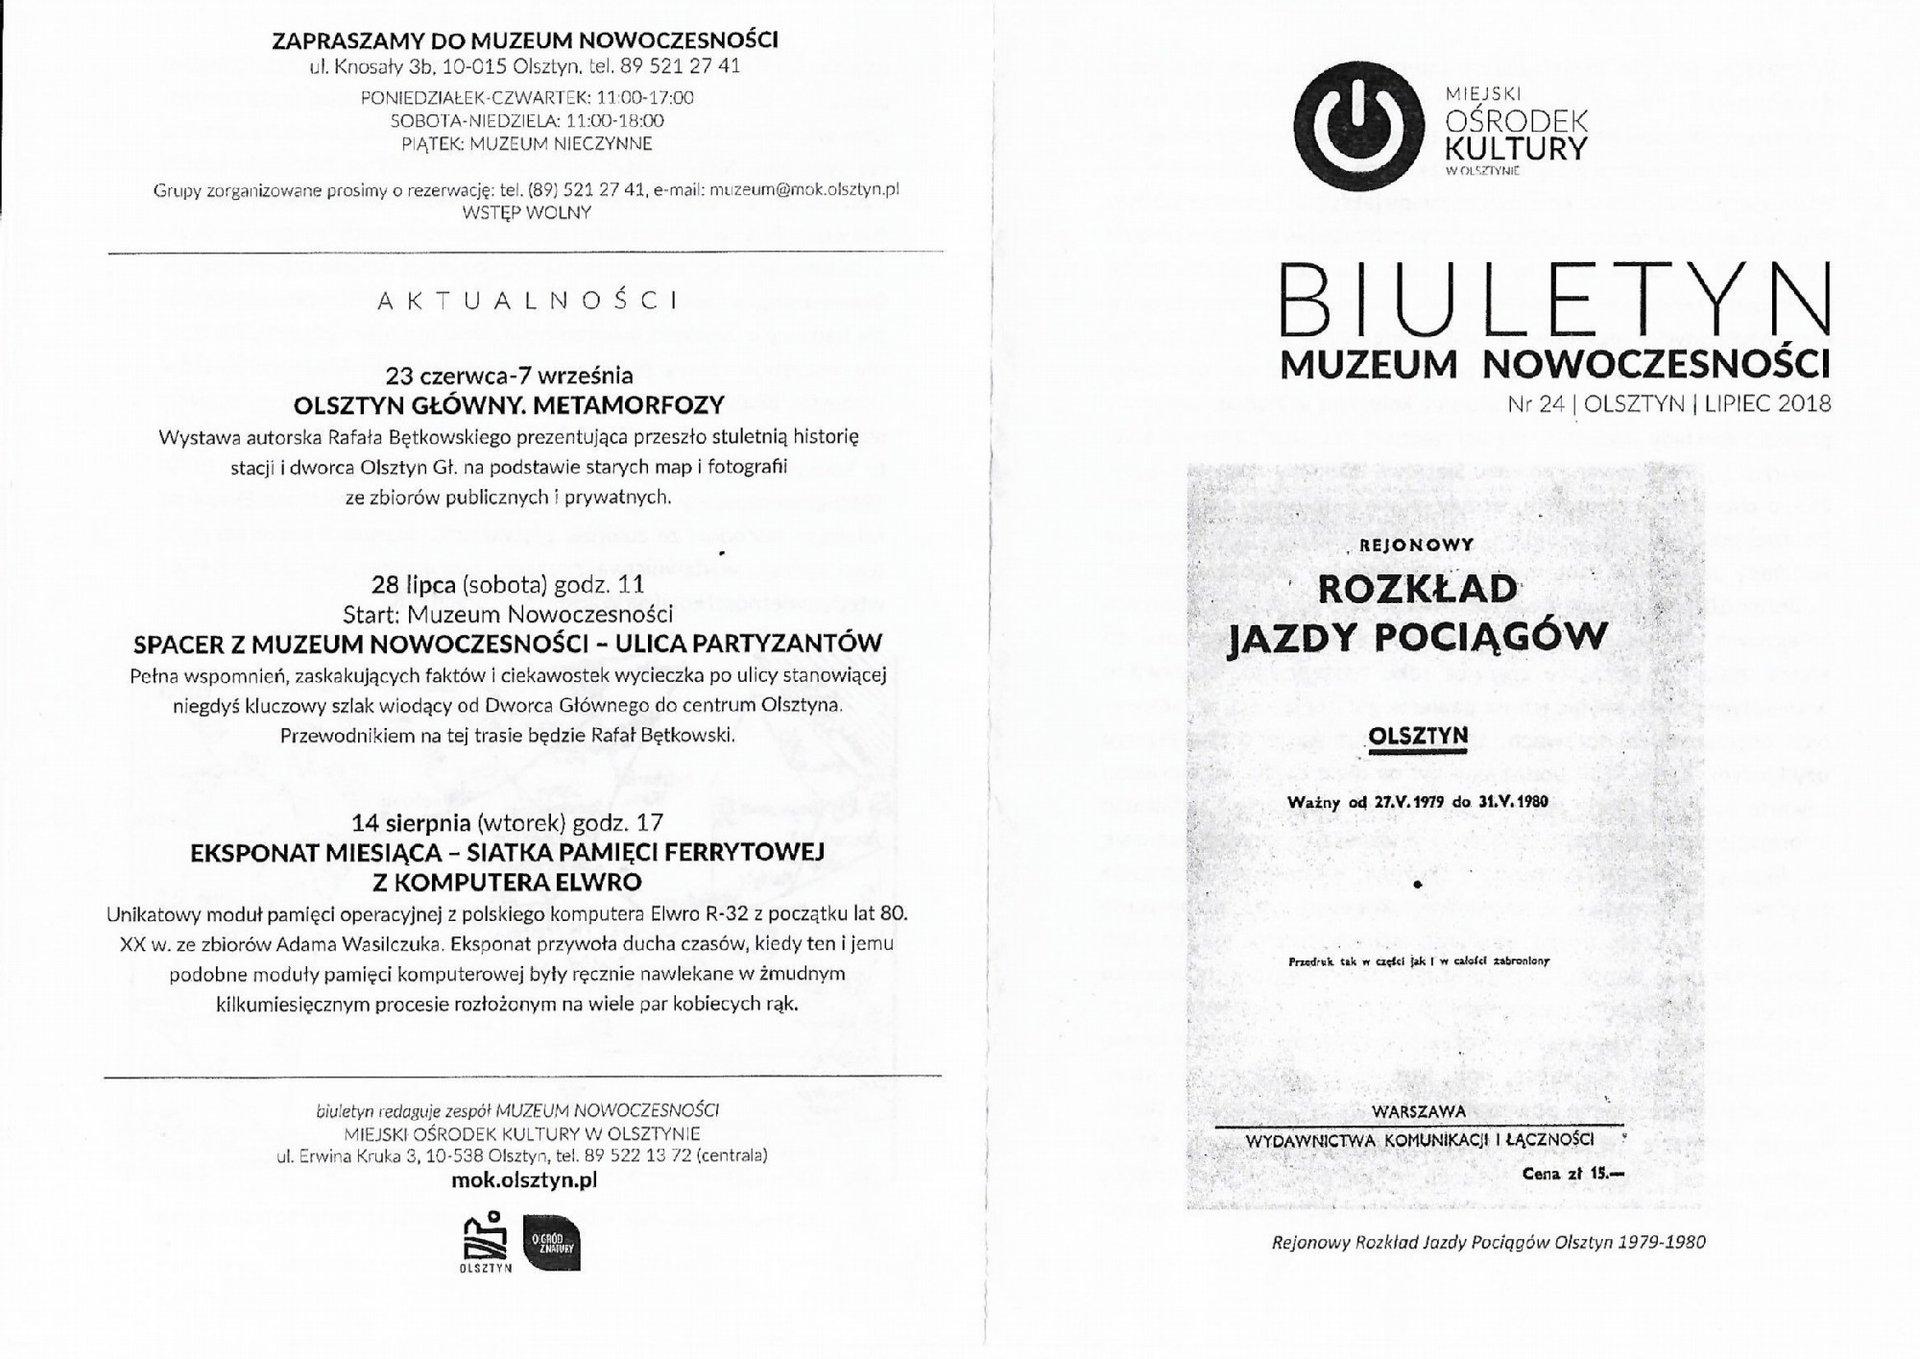 Biuletyn Muzeum Nowoczesności nr 24 (1).jpg